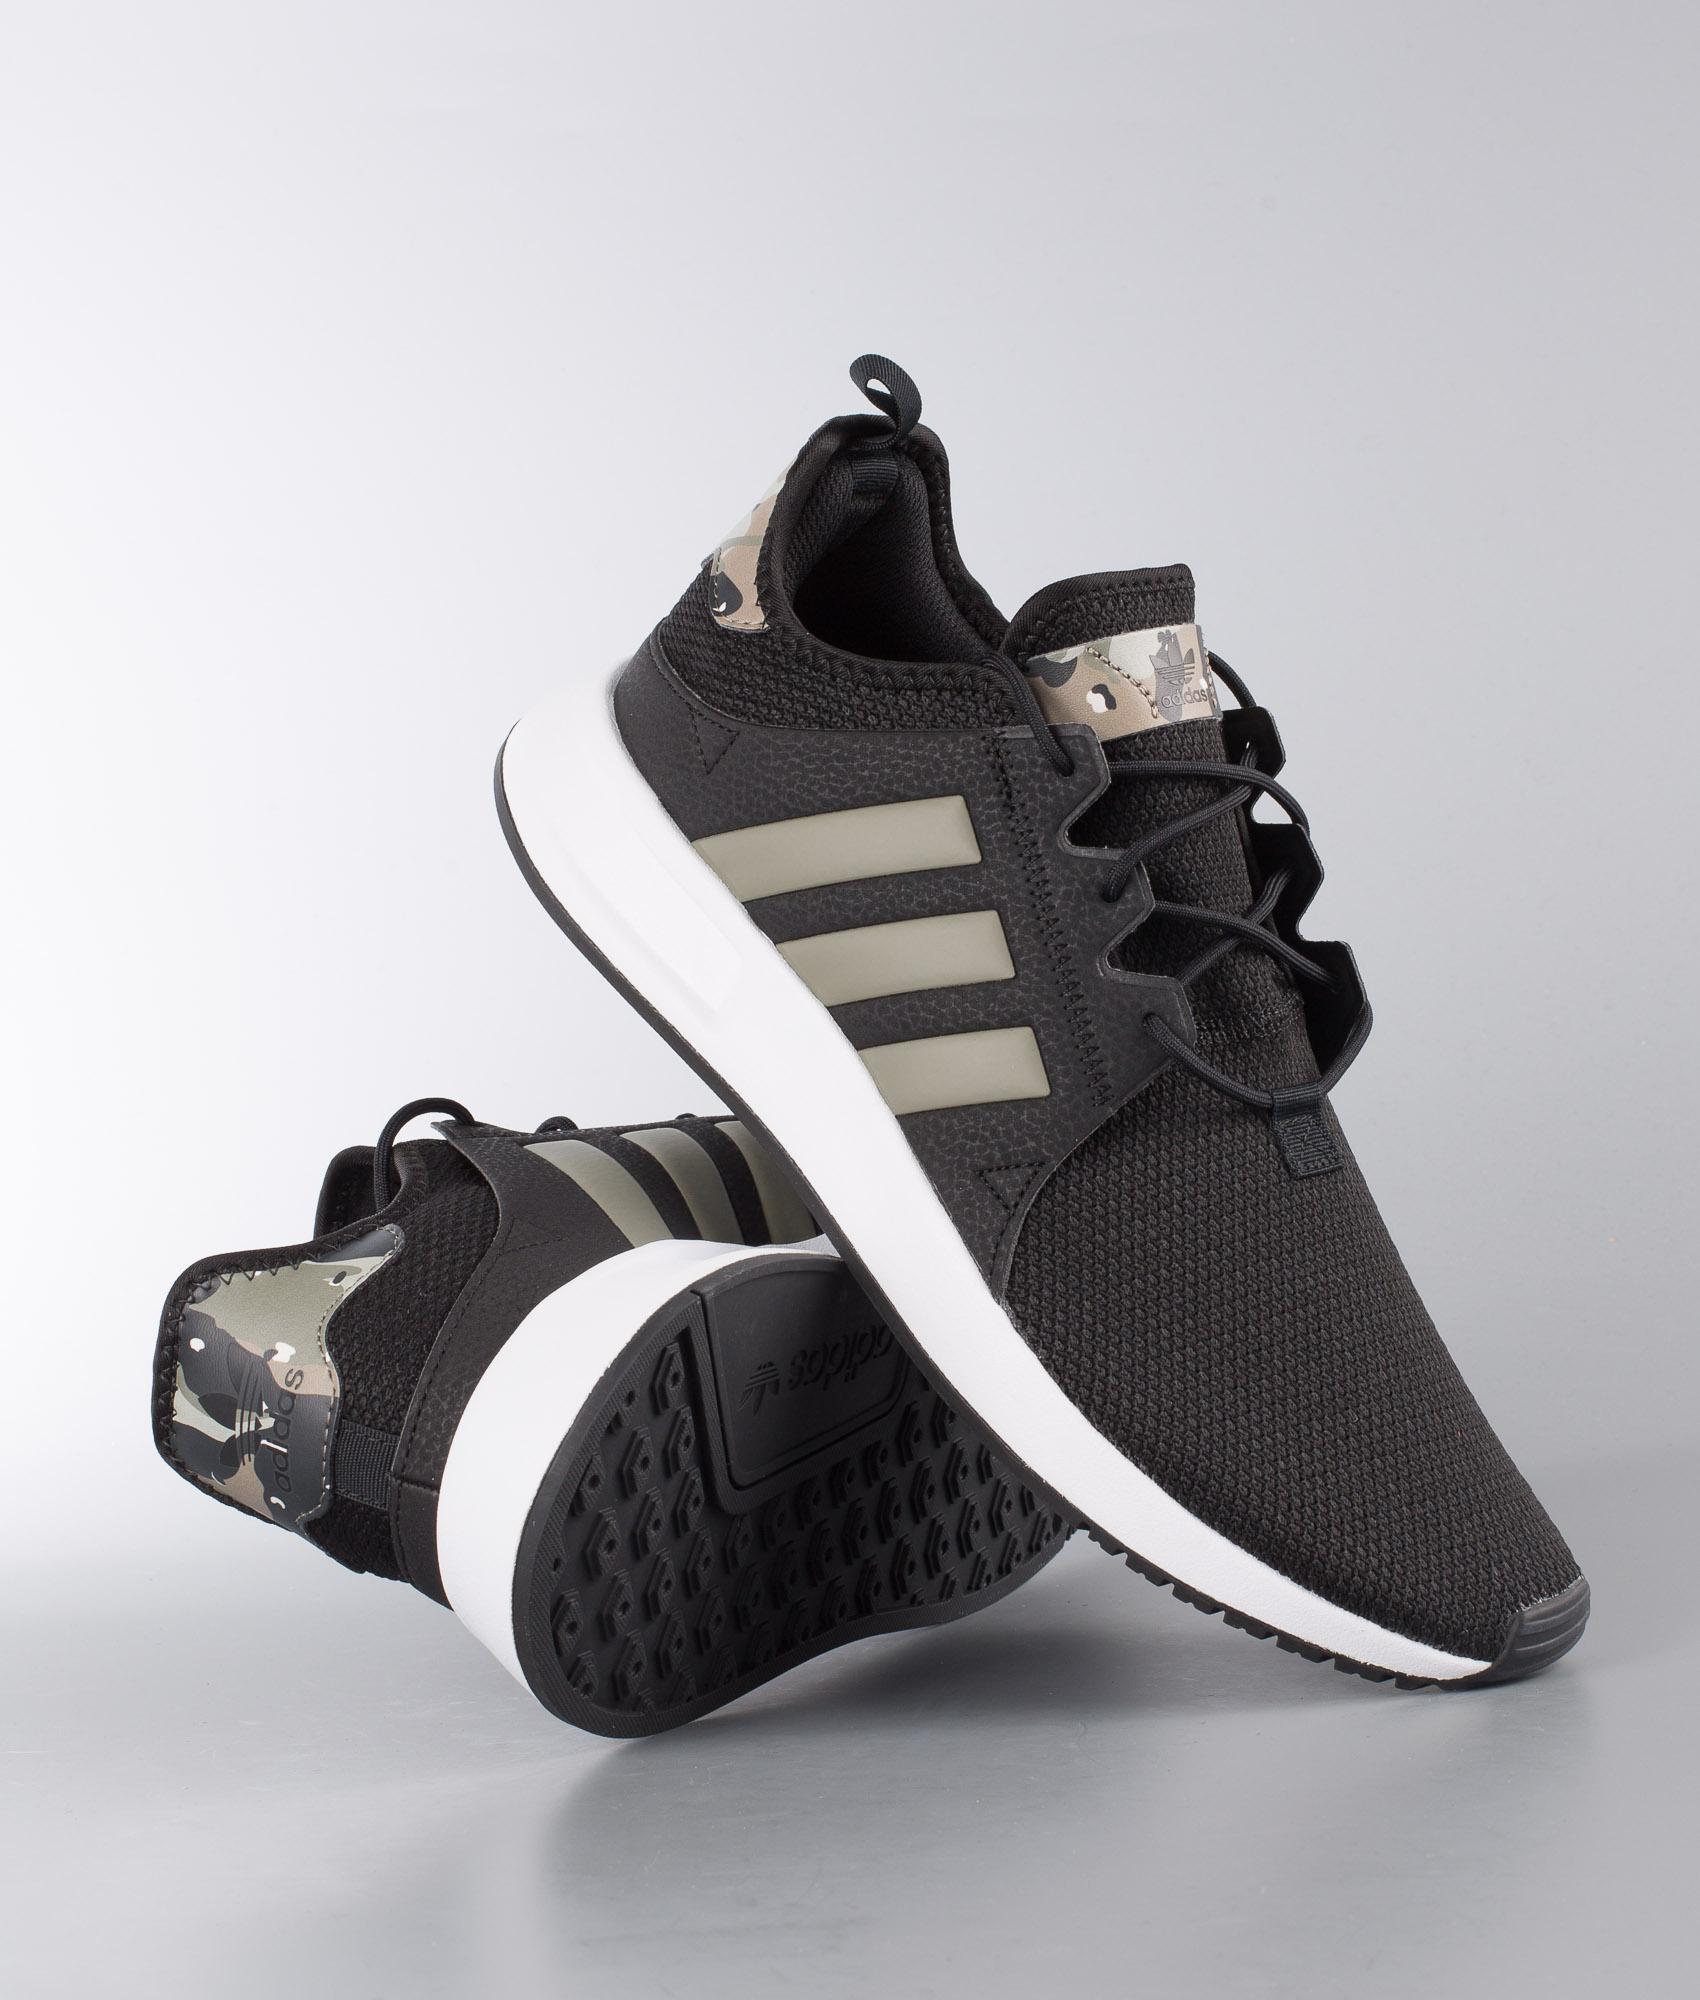 X Blackashsilftwr Originals plr Schuhe Core White Adidas kOXZiuP